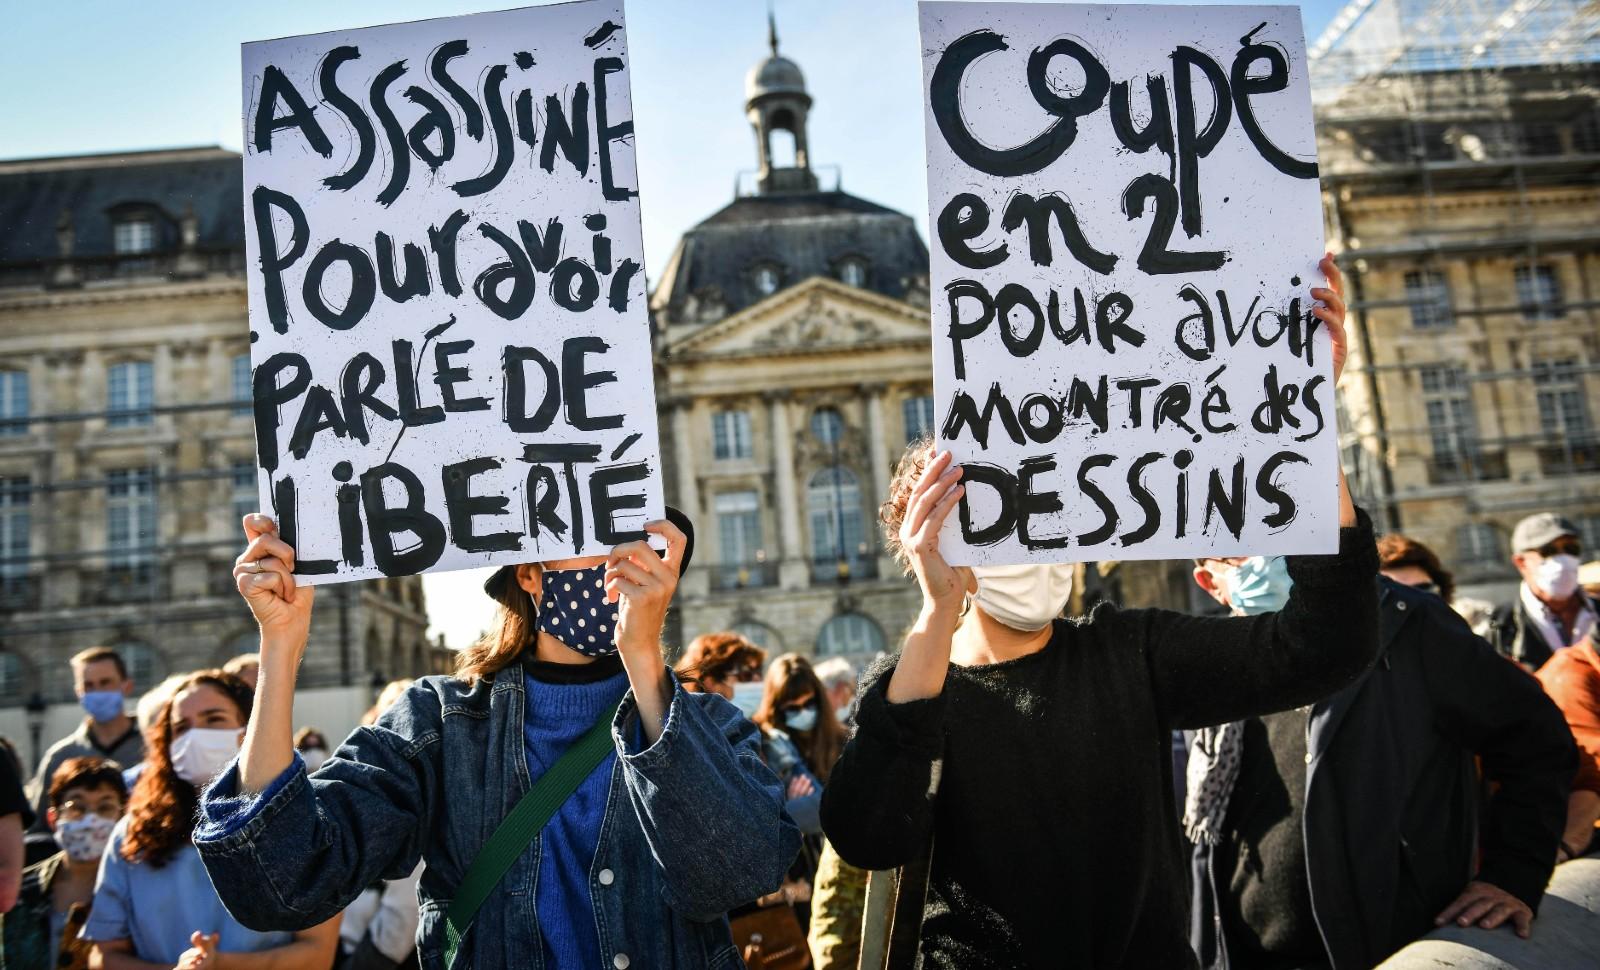 Manifestation à Bordeaux le 18 octobre 2020 après l'assassinat du Samuel Paty © SIPA Numéro de reportage: 00986500_000015